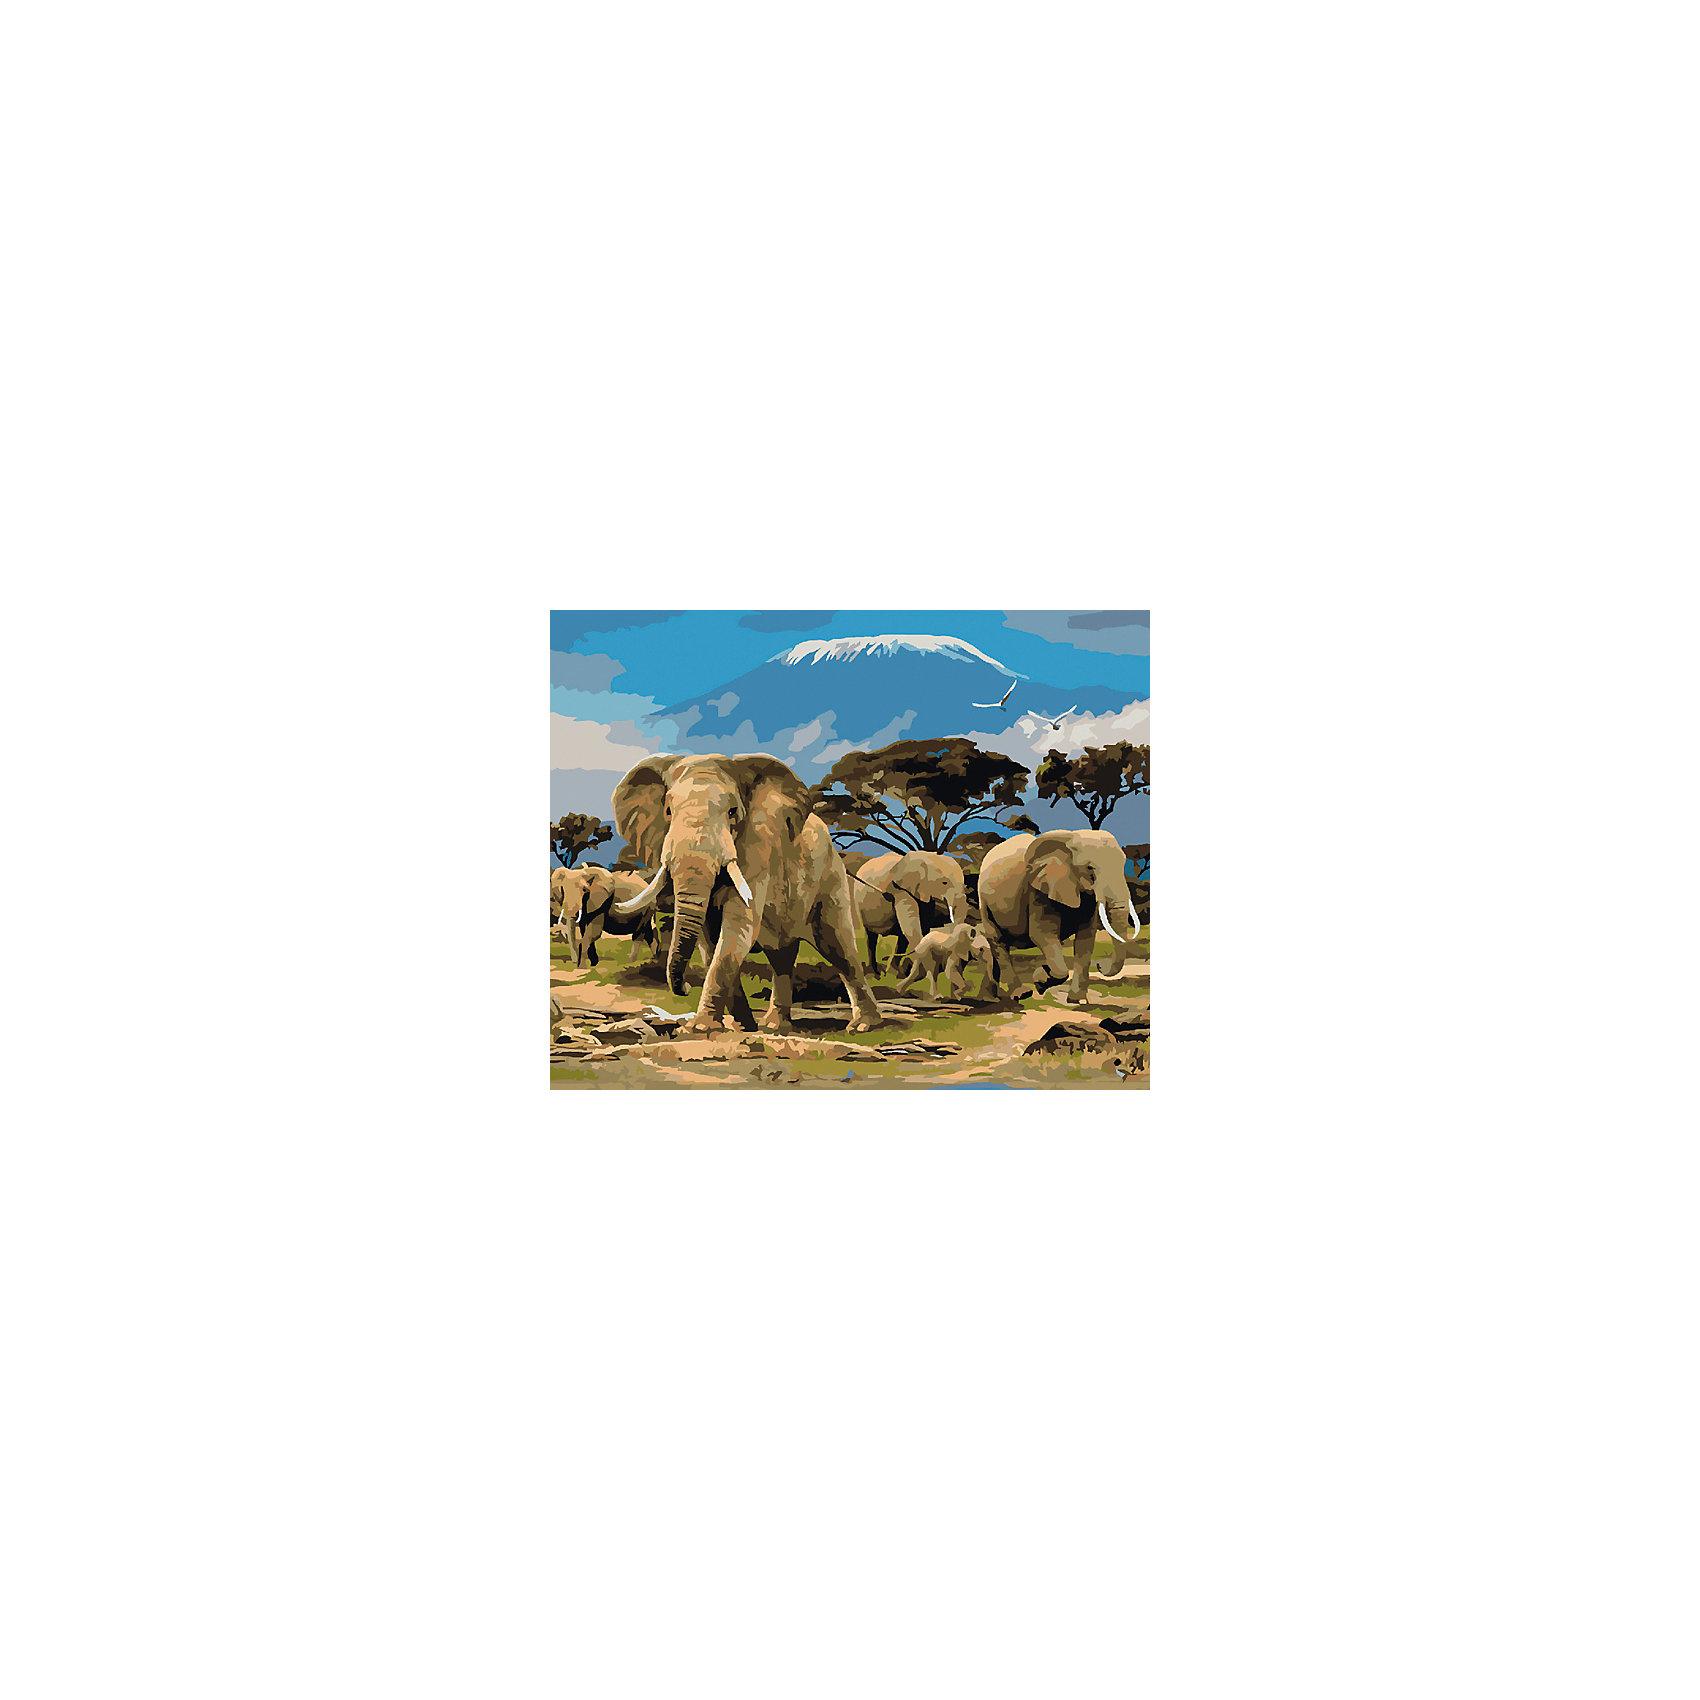 Холст с красками по номерам Семья слонов 40х50 смРисование<br>замечательные наборы для создания уникального шедевра изобразительного искусства. Создание картин на специально подготовленной рабочей поверхности – это уникальная техника, позволяющая делать Ваши шедевры более яркими и реалистичными. Просто нанесите мазки на уже готовый эскиз и оживите картину! Готовые изделия могут стать украшением интерьера или прекрасным подарком близким и друзьям.<br><br>Ширина мм: 510<br>Глубина мм: 410<br>Высота мм: 25<br>Вес г: 1800<br>Возраст от месяцев: 36<br>Возраст до месяцев: 108<br>Пол: Унисекс<br>Возраст: Детский<br>SKU: 5096785